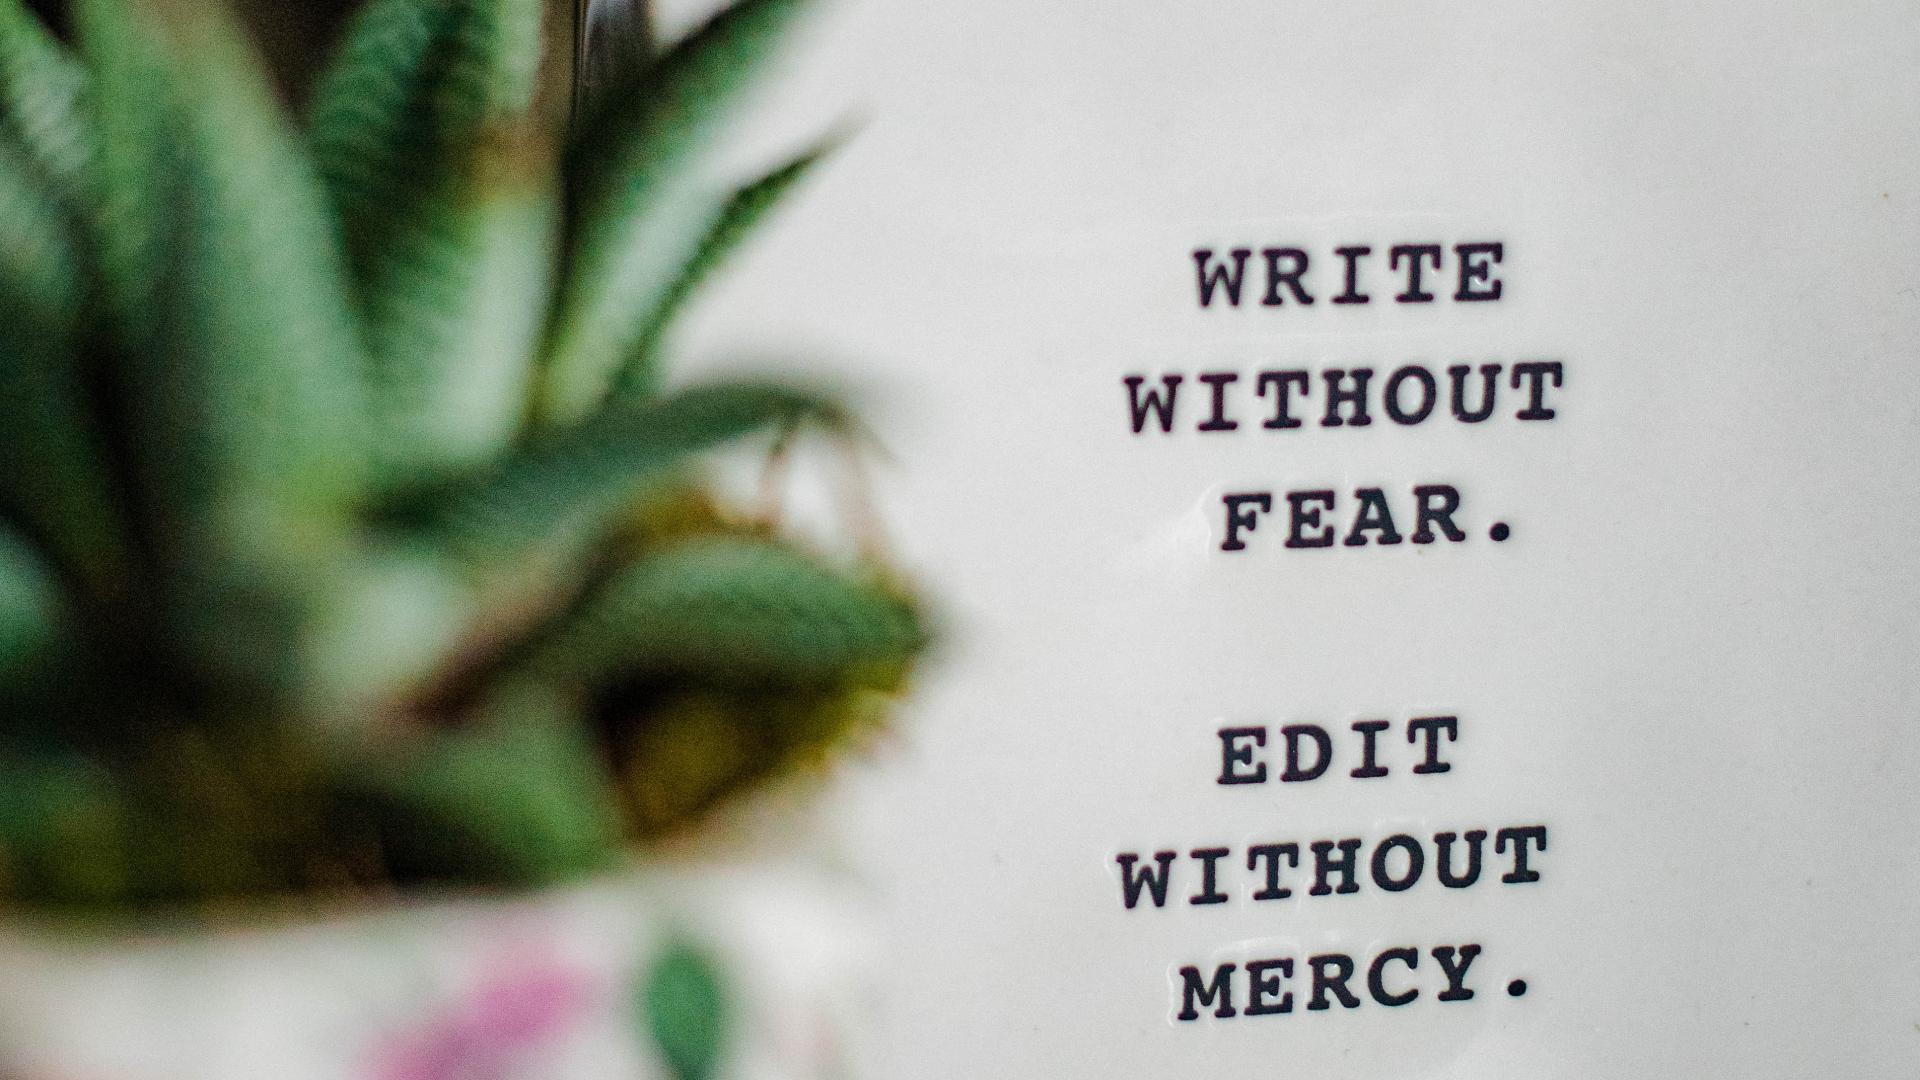 write - Piszę książkę i co to oznacza